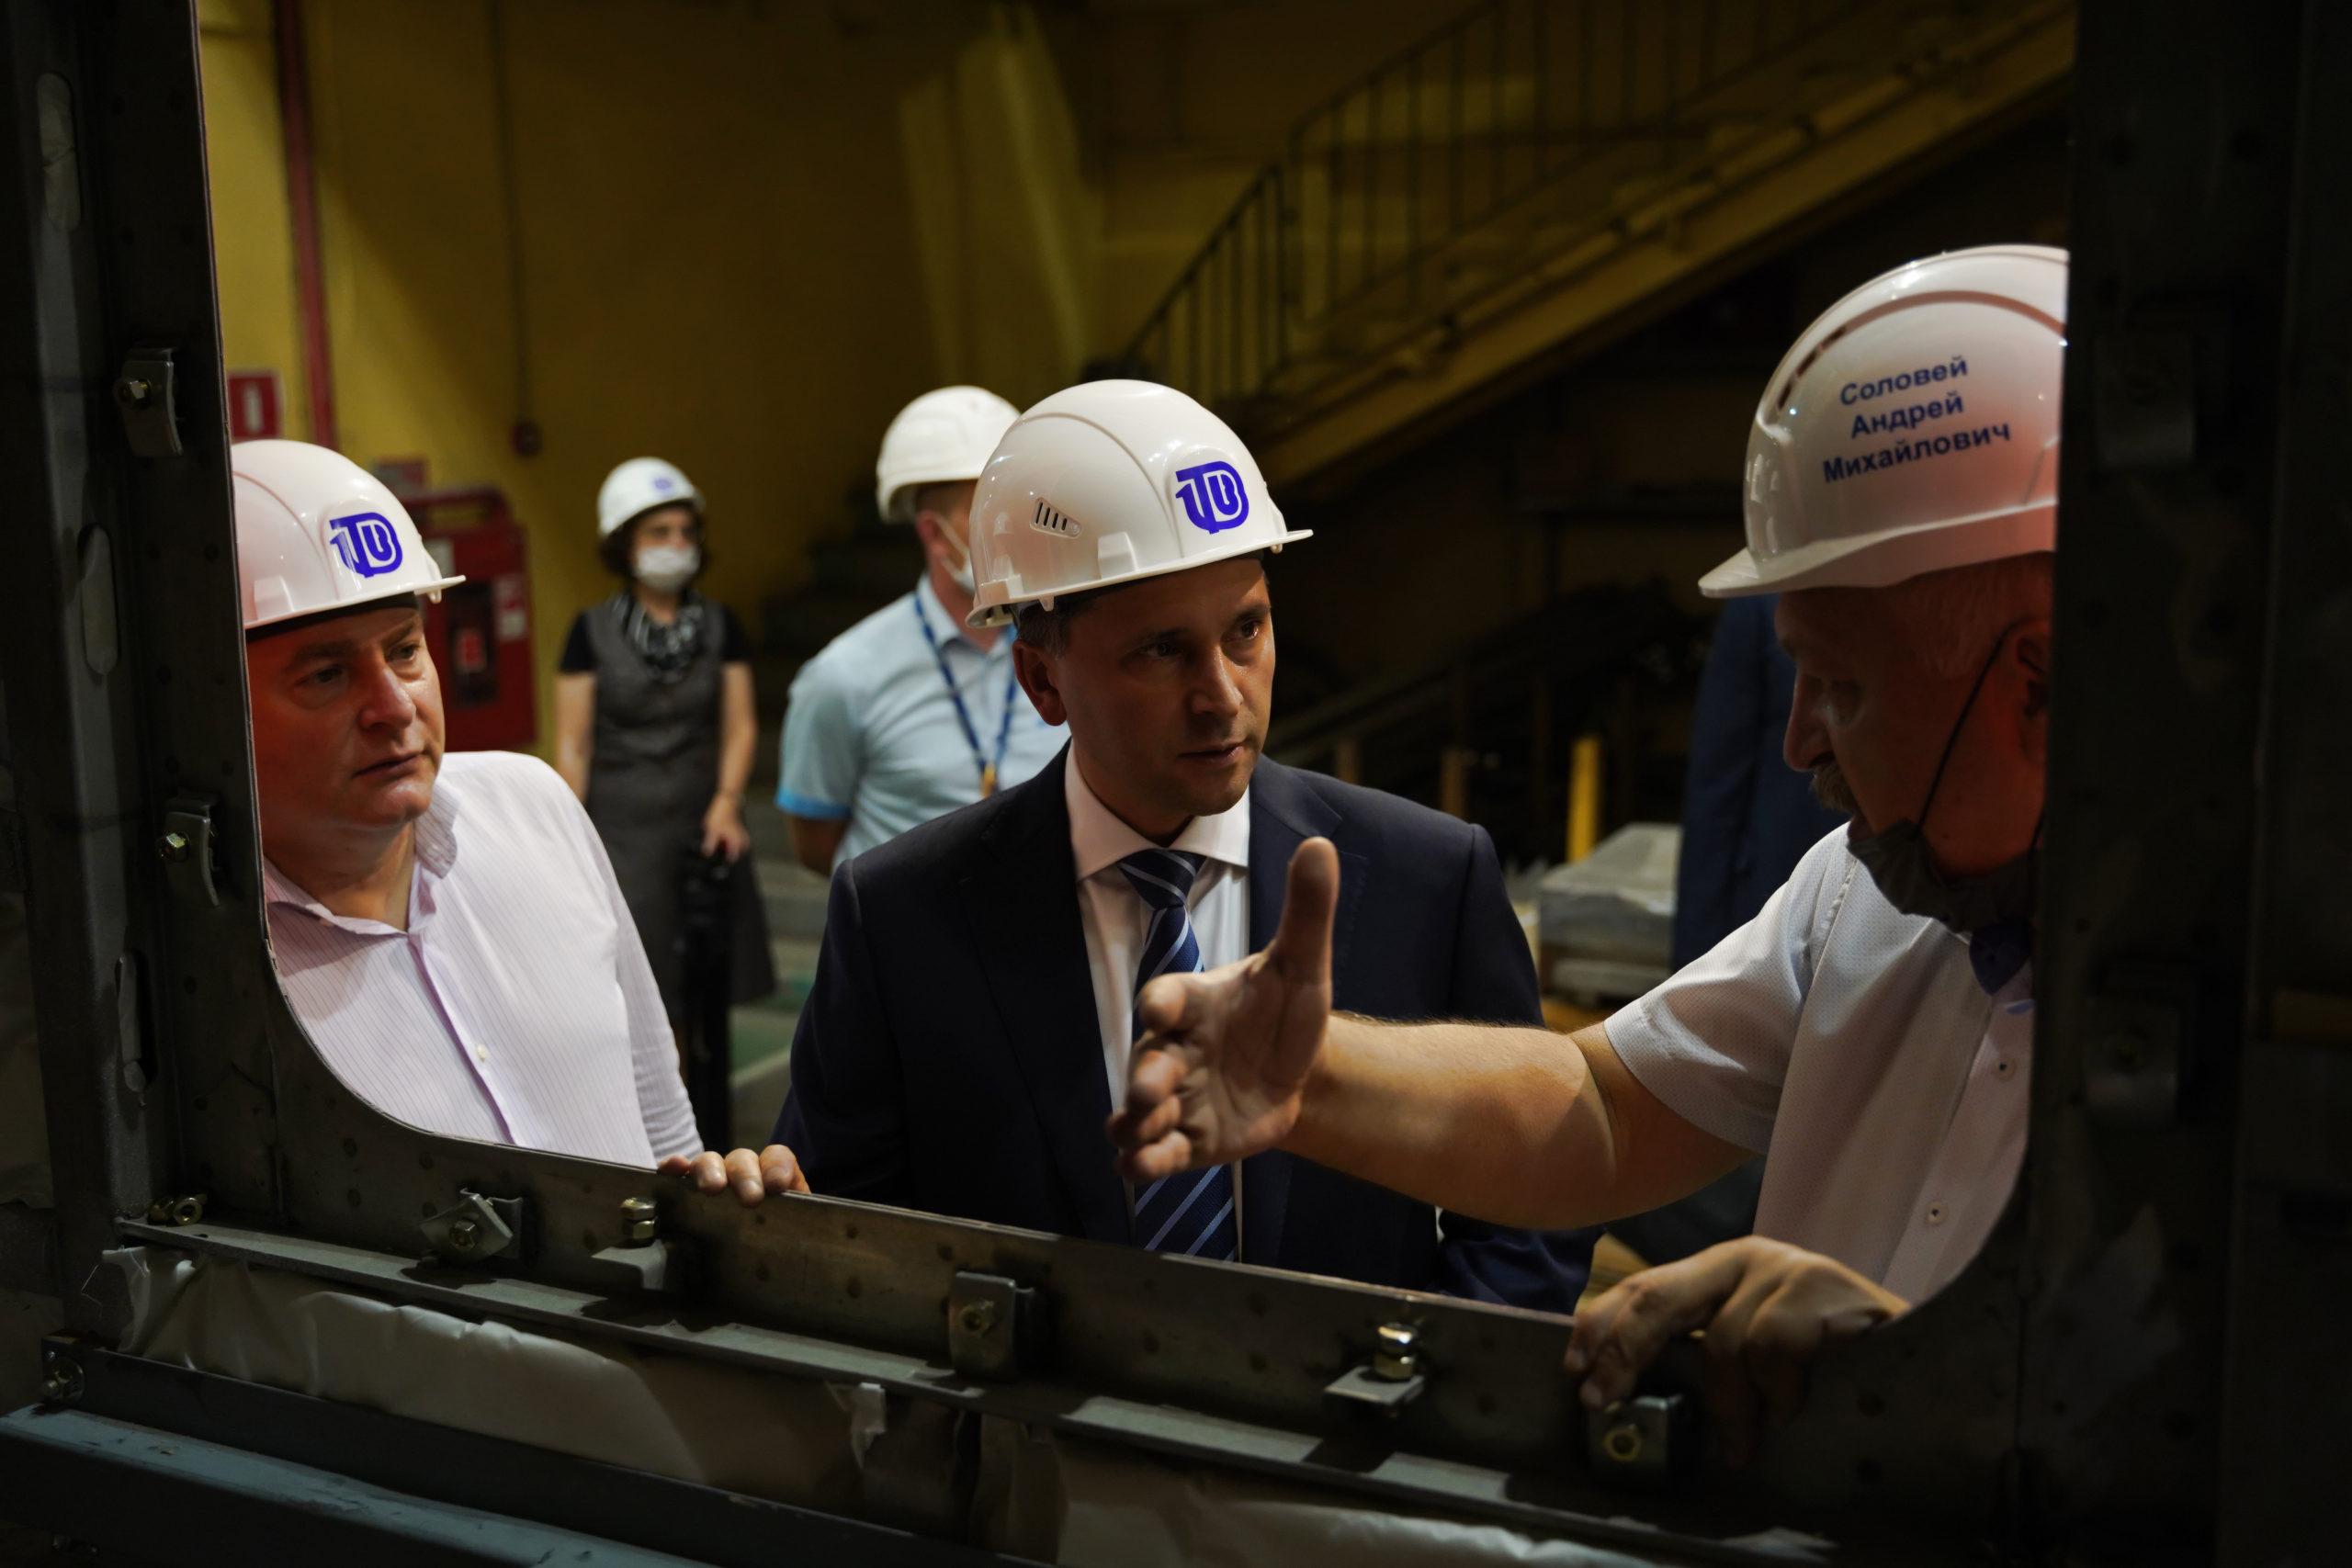 Министр природных ресурсов и экологии Дмитрий Кобылкин посетили Тверской вагонзавод